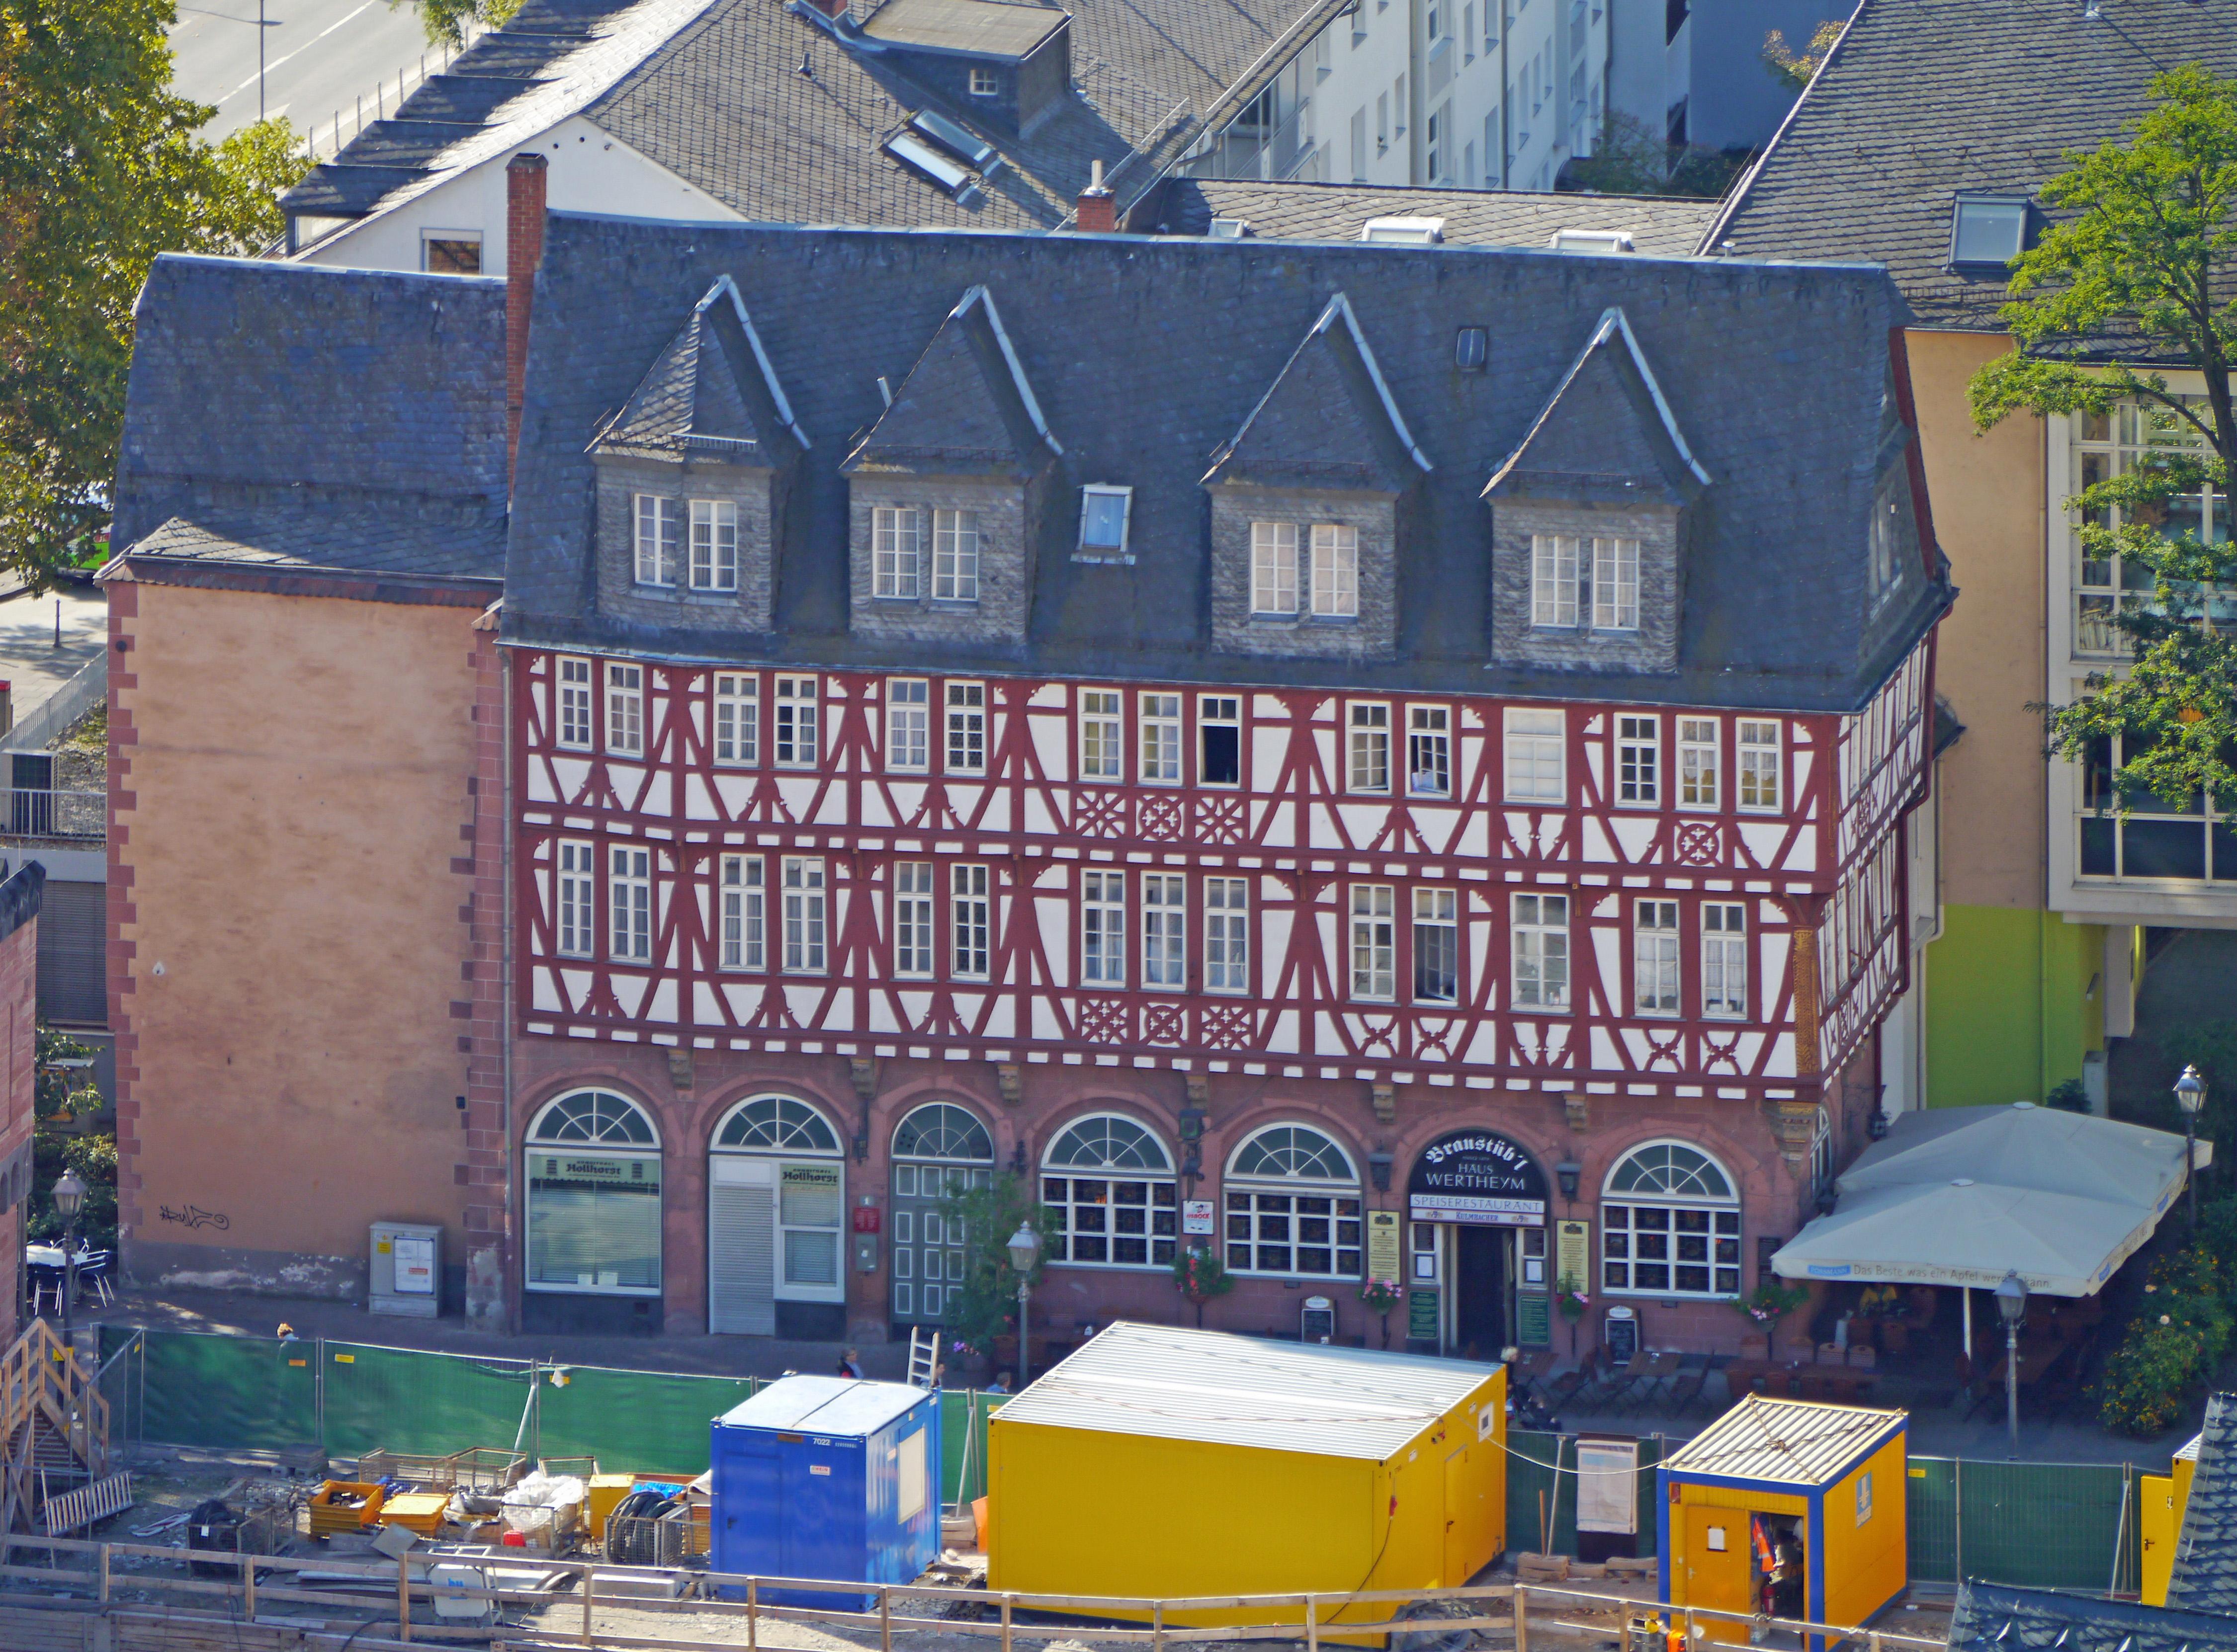 Baufirmen In Frankfurt baufirmen in frankfurt baufirma fr bauen umbau fr frankfurt und